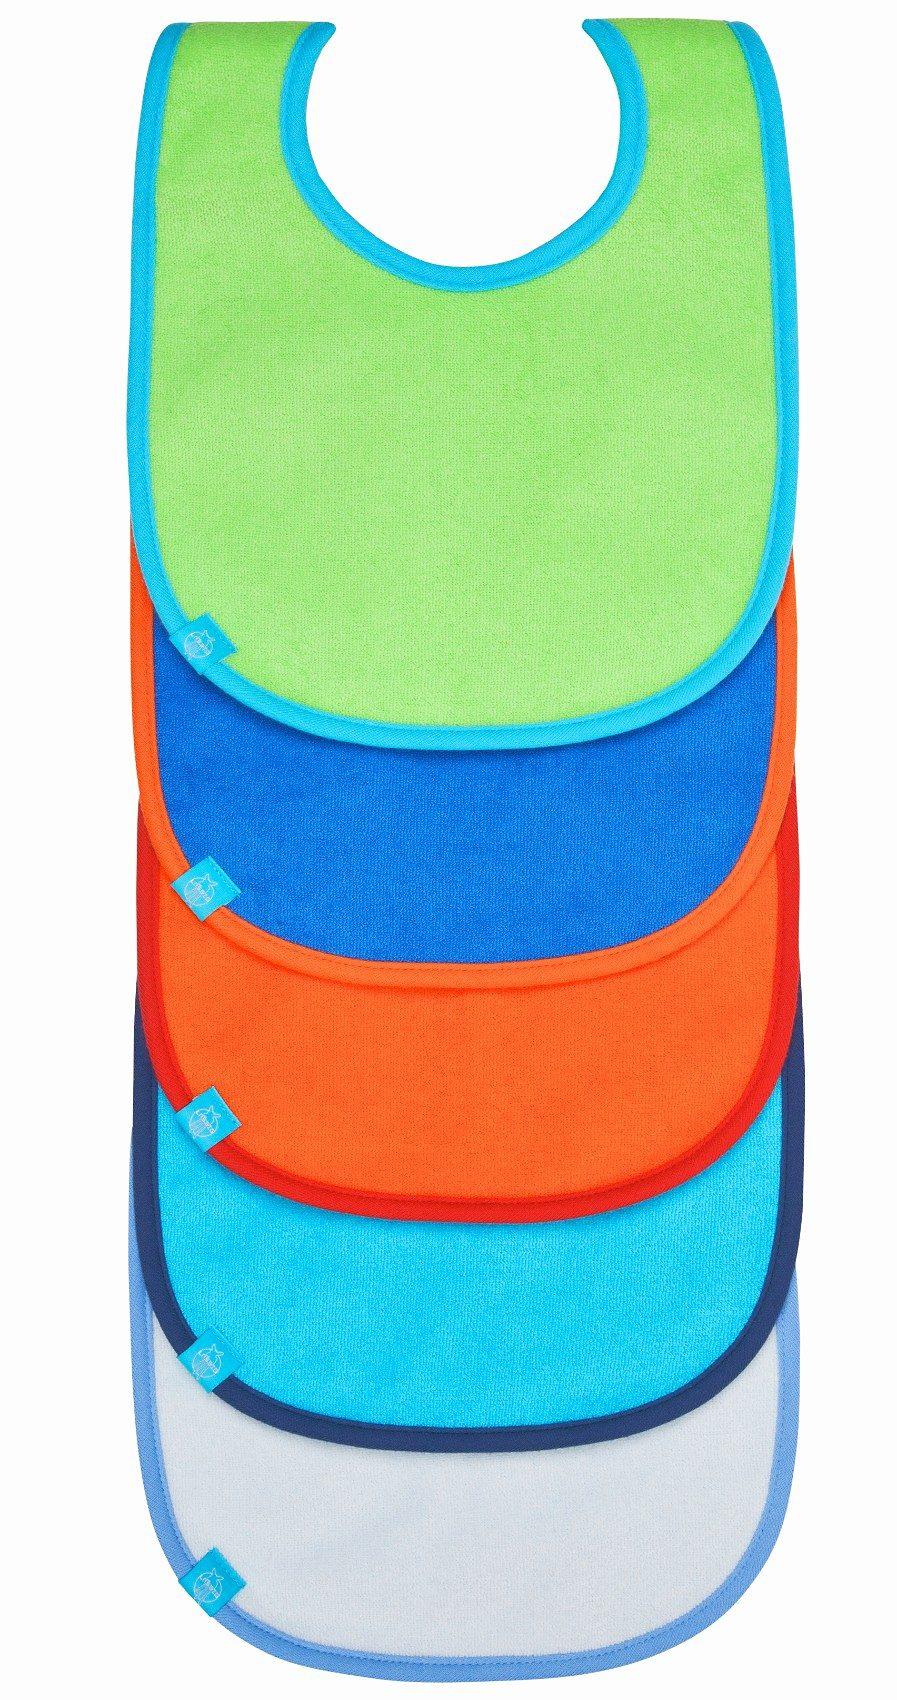 Lässig Lätzchen solid color, mit Klettverschluss, 5er Set